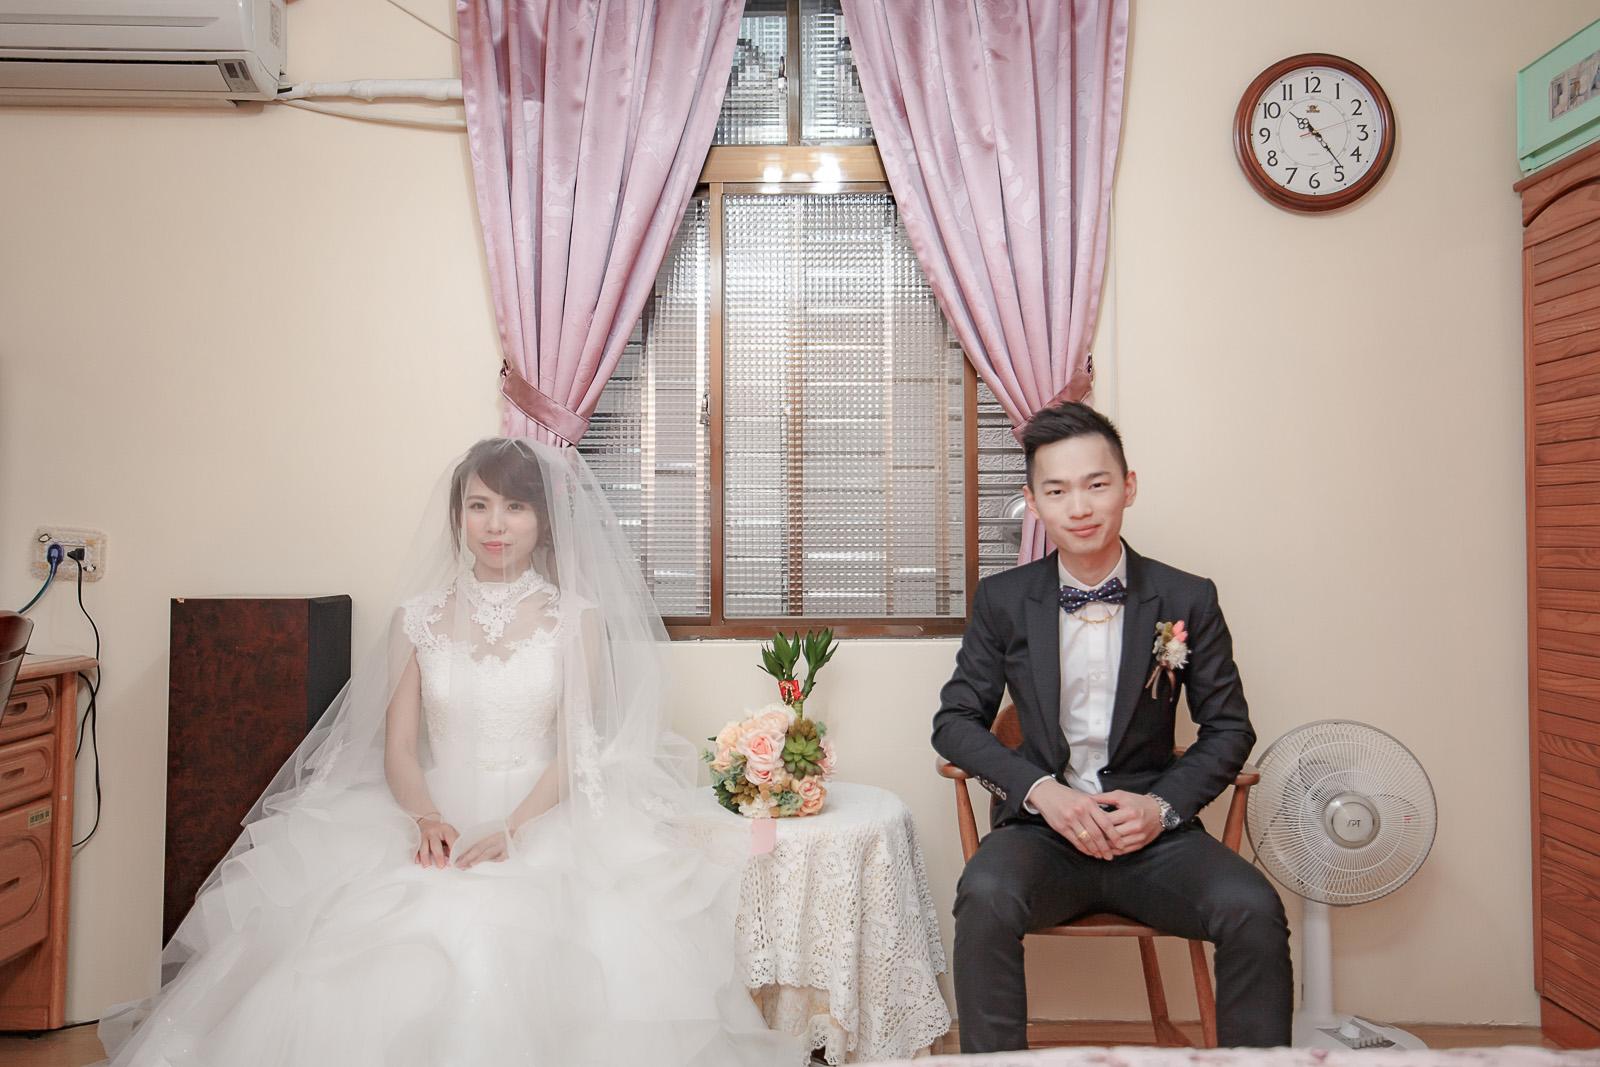 高雄圓山飯店,婚禮攝影,婚攝,高雄婚攝,優質婚攝推薦,Jen&Ethan-180